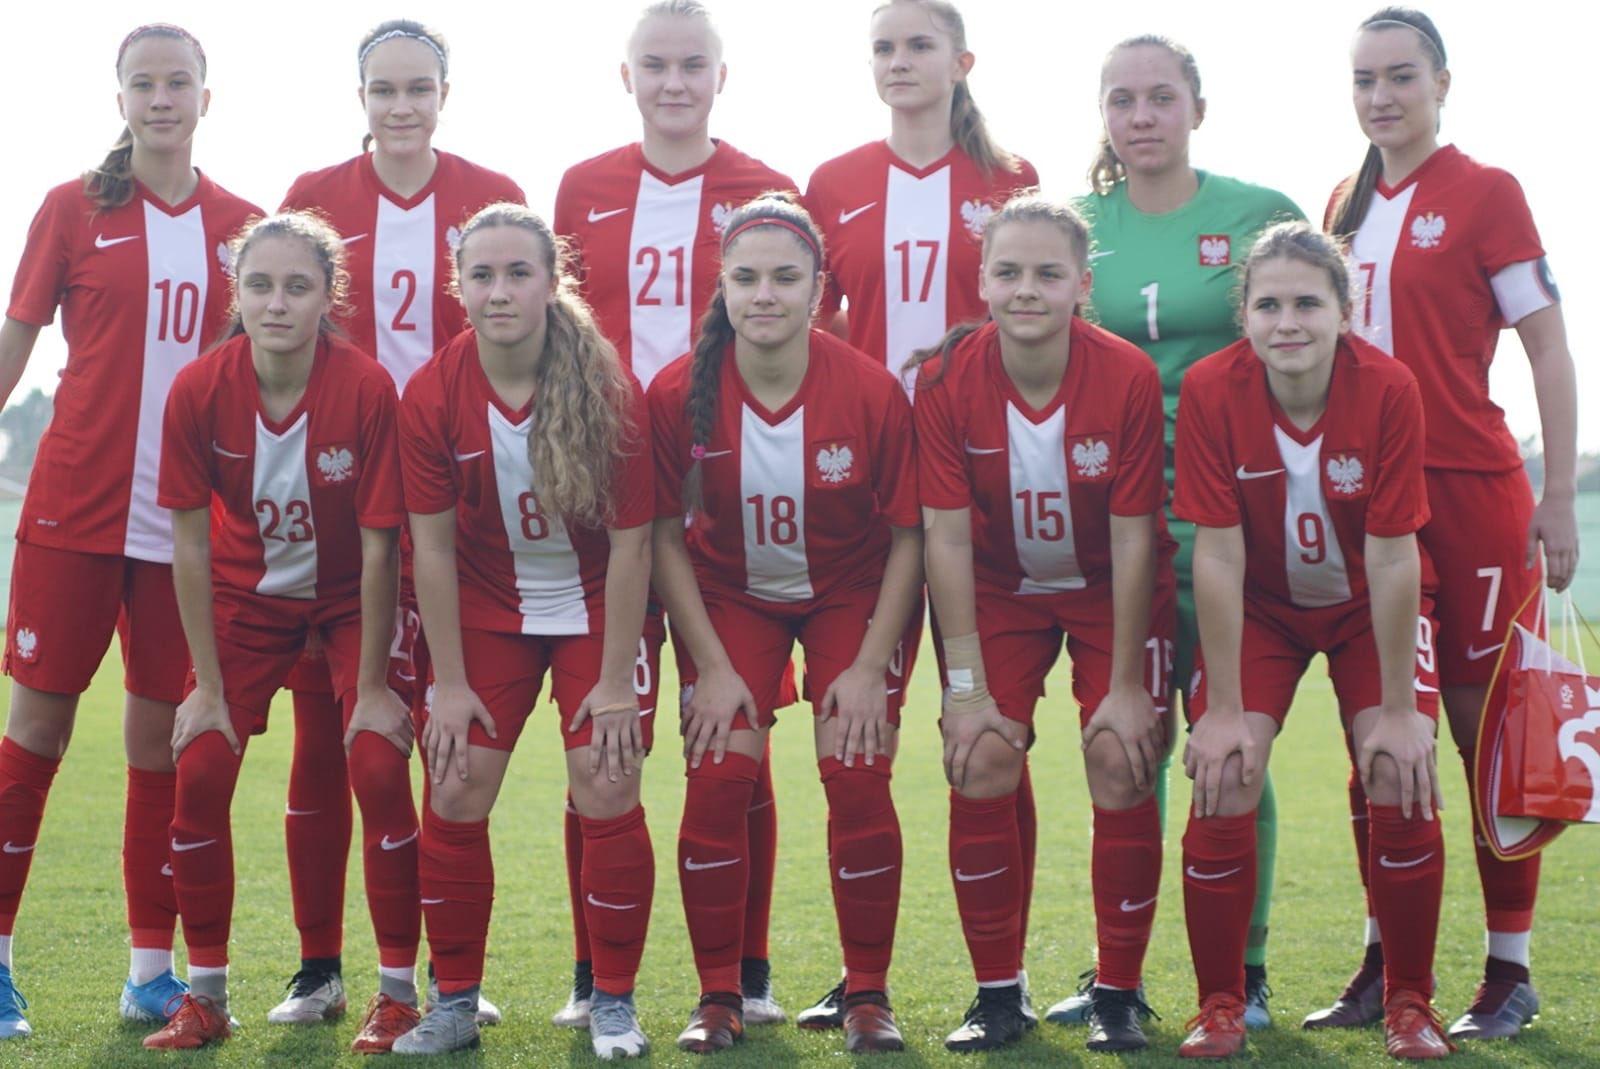 EQlYP7fW4AMiJml - Reprezentacja U-17: Pewna wygrana ze Szwecją, Polki z szansą na triumf w turnieju